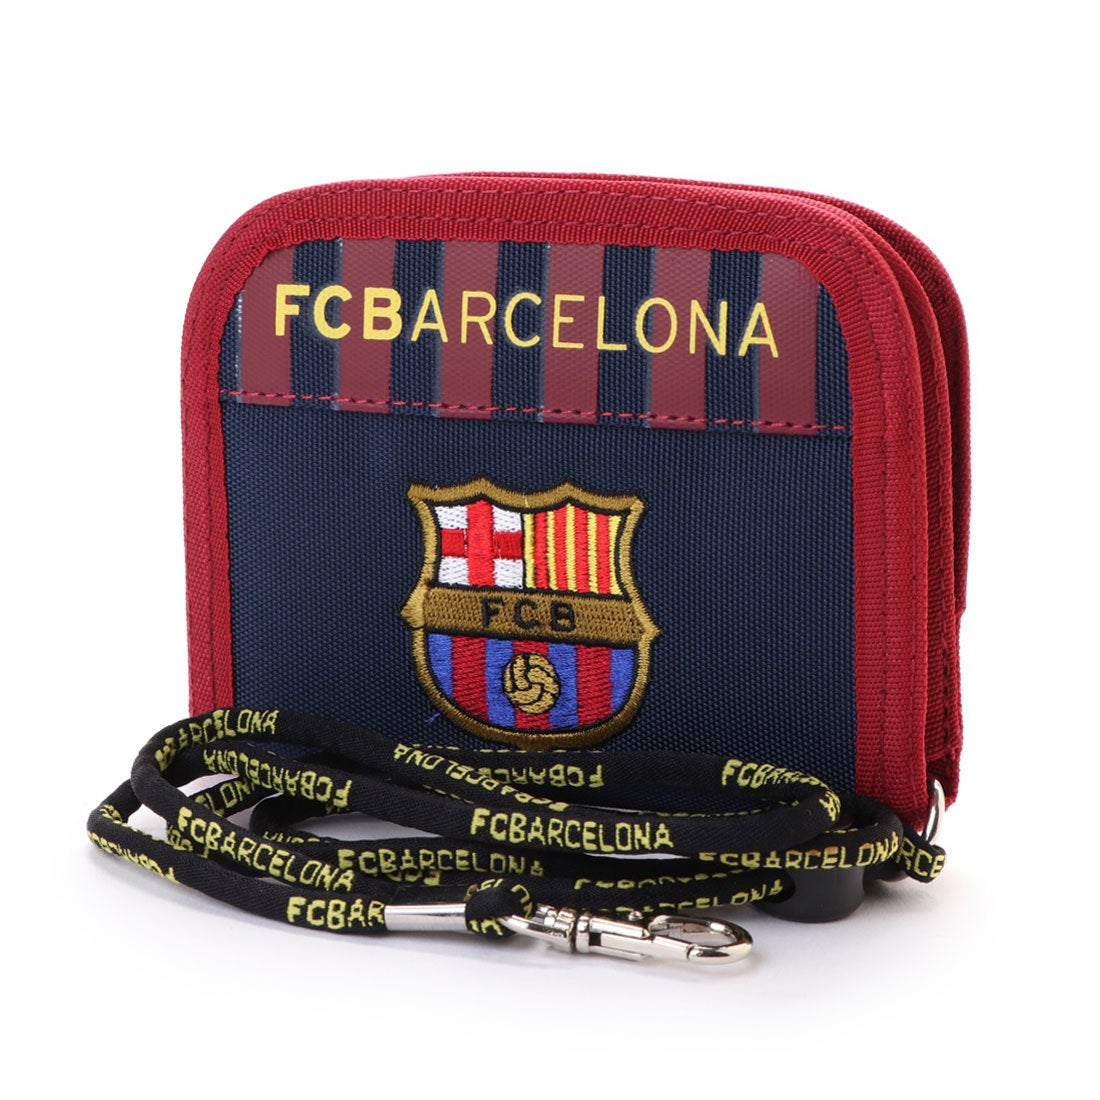 ロコンド 靴とファッションの通販サイトスポーツデポ SPORTS DEPO サッカー フットサル ライセンスグッズ FCバルセロナ ラウンドウォレット FCB-072